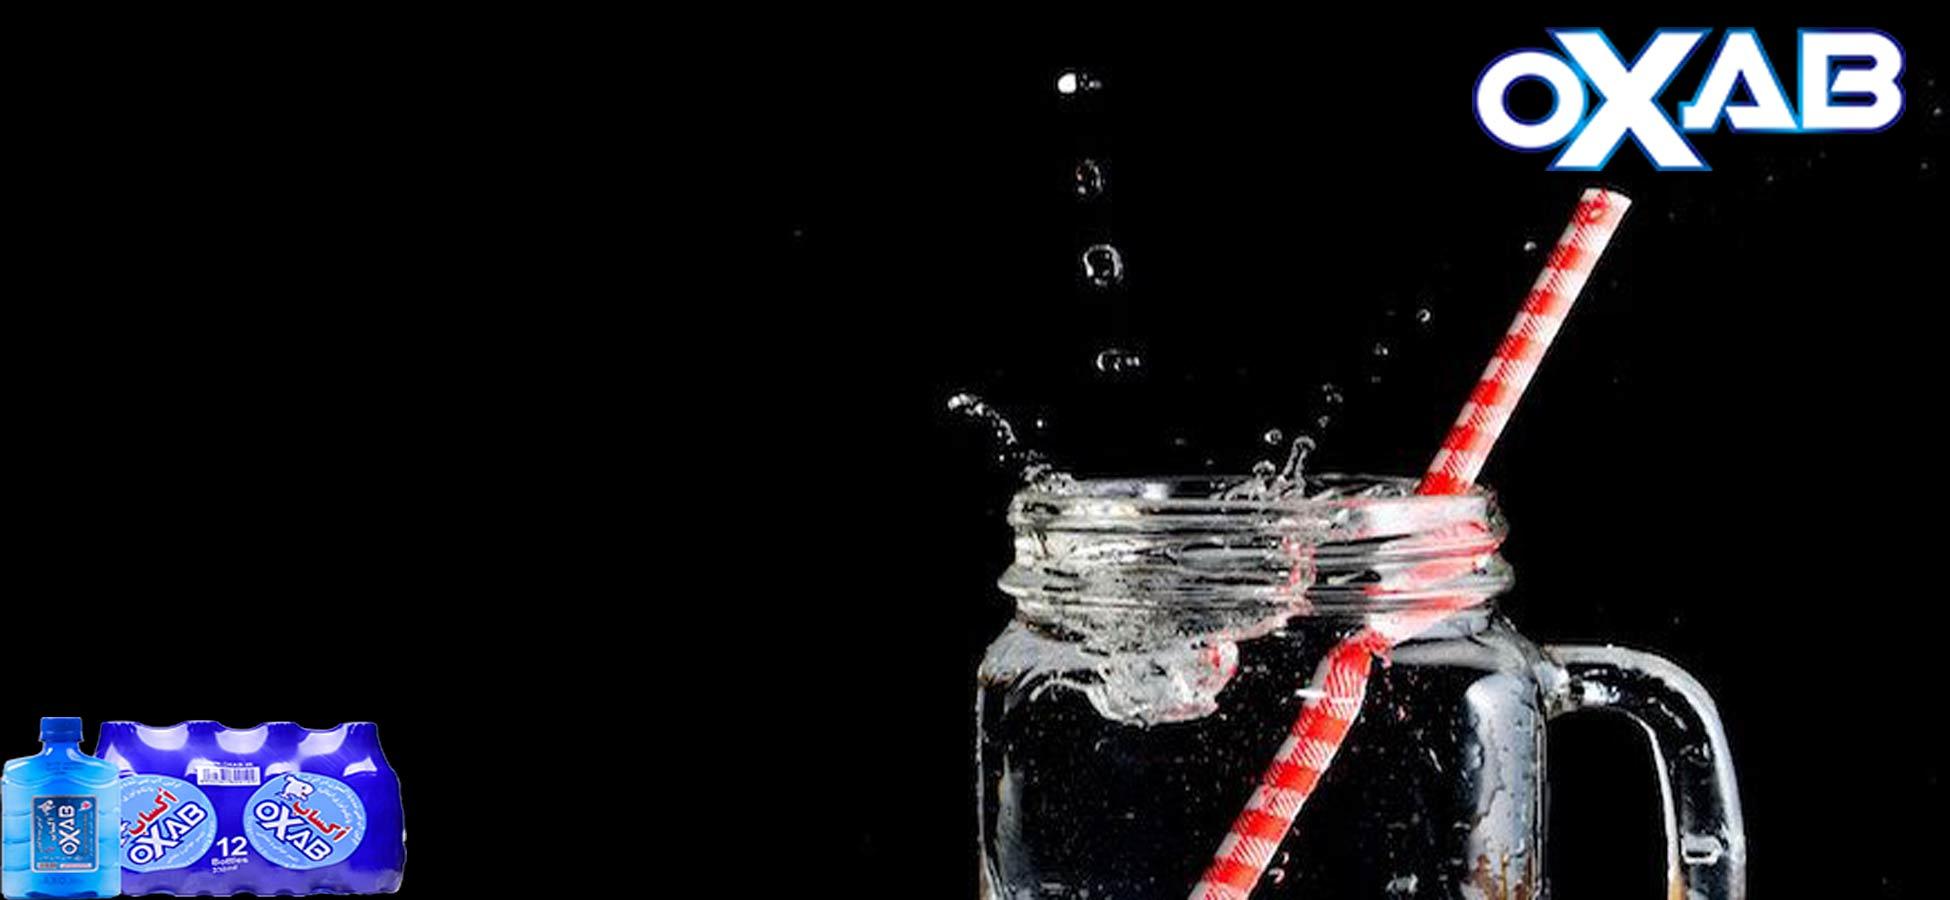 چرا بدن ما به آب غنی شده با اکسیژن نیاز دارد؟